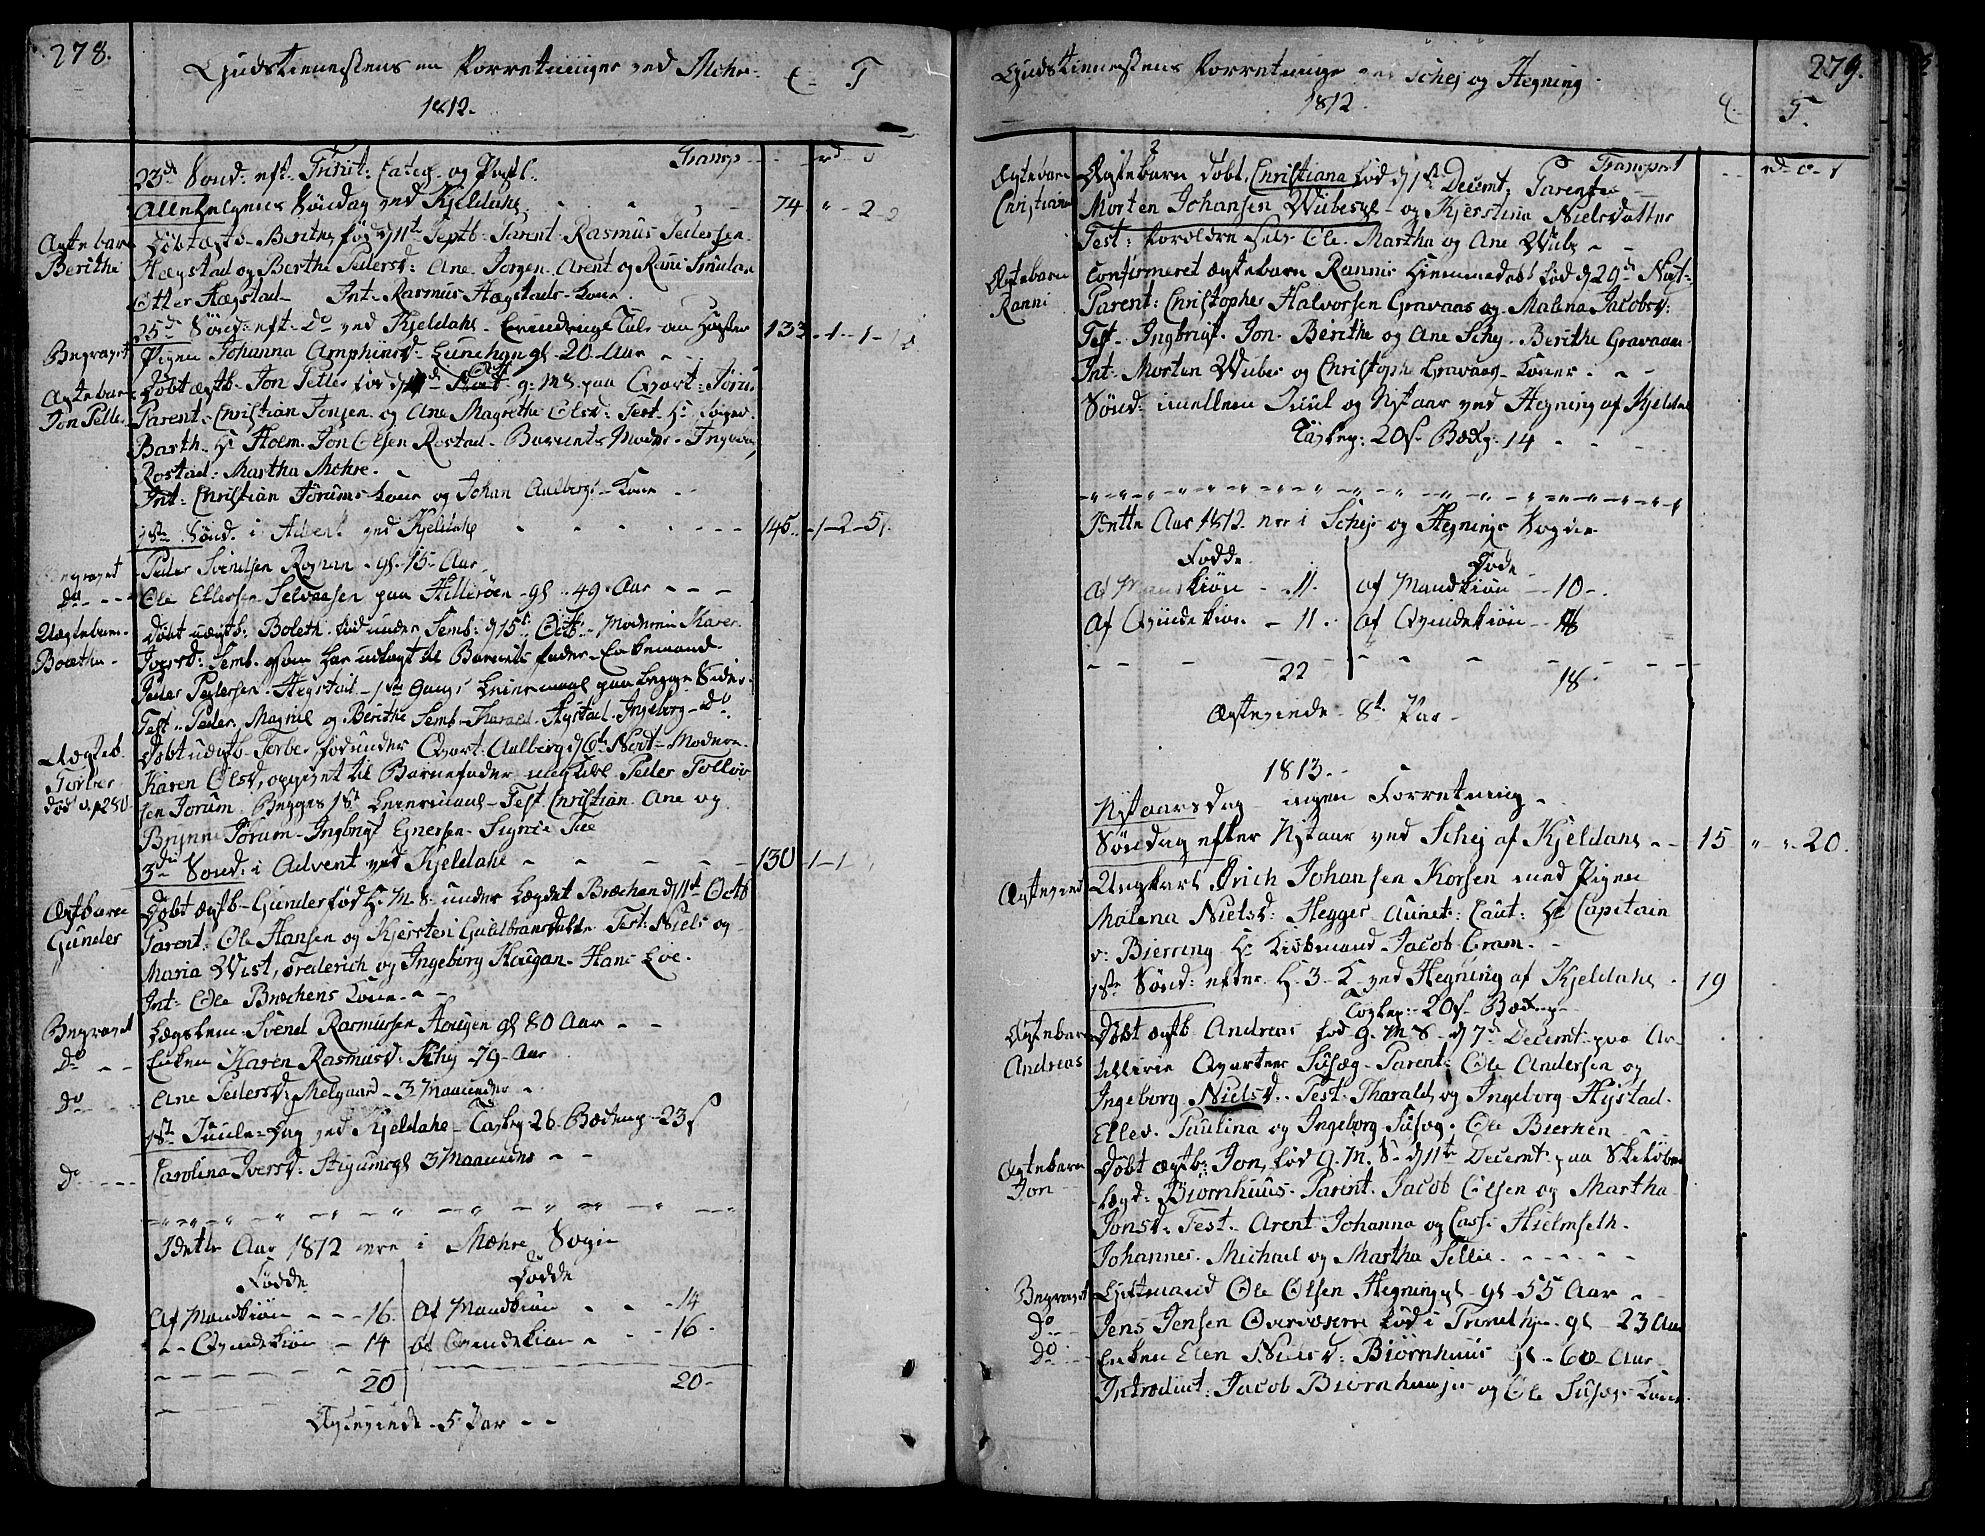 SAT, Ministerialprotokoller, klokkerbøker og fødselsregistre - Nord-Trøndelag, 735/L0332: Ministerialbok nr. 735A03, 1795-1816, s. 278-279